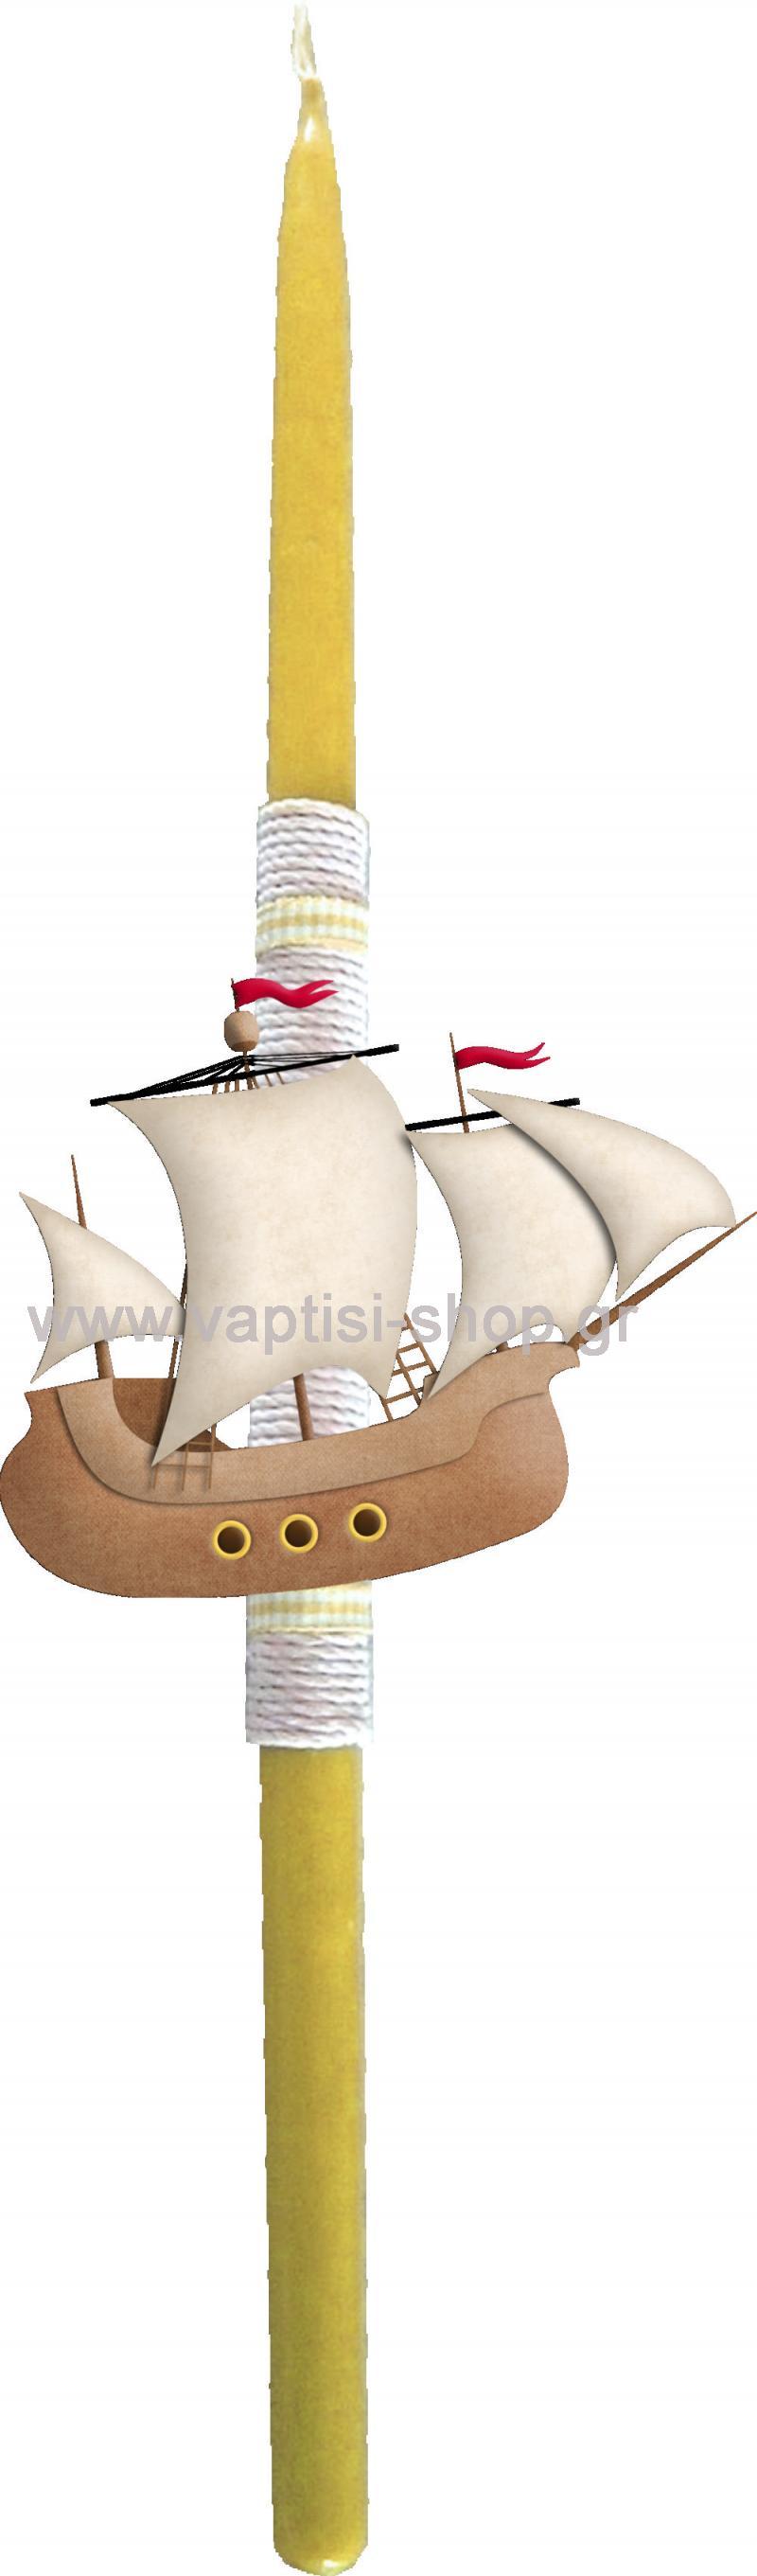 Πασχαλινή Λαμπάδα Πειρατικό Καράβι 3